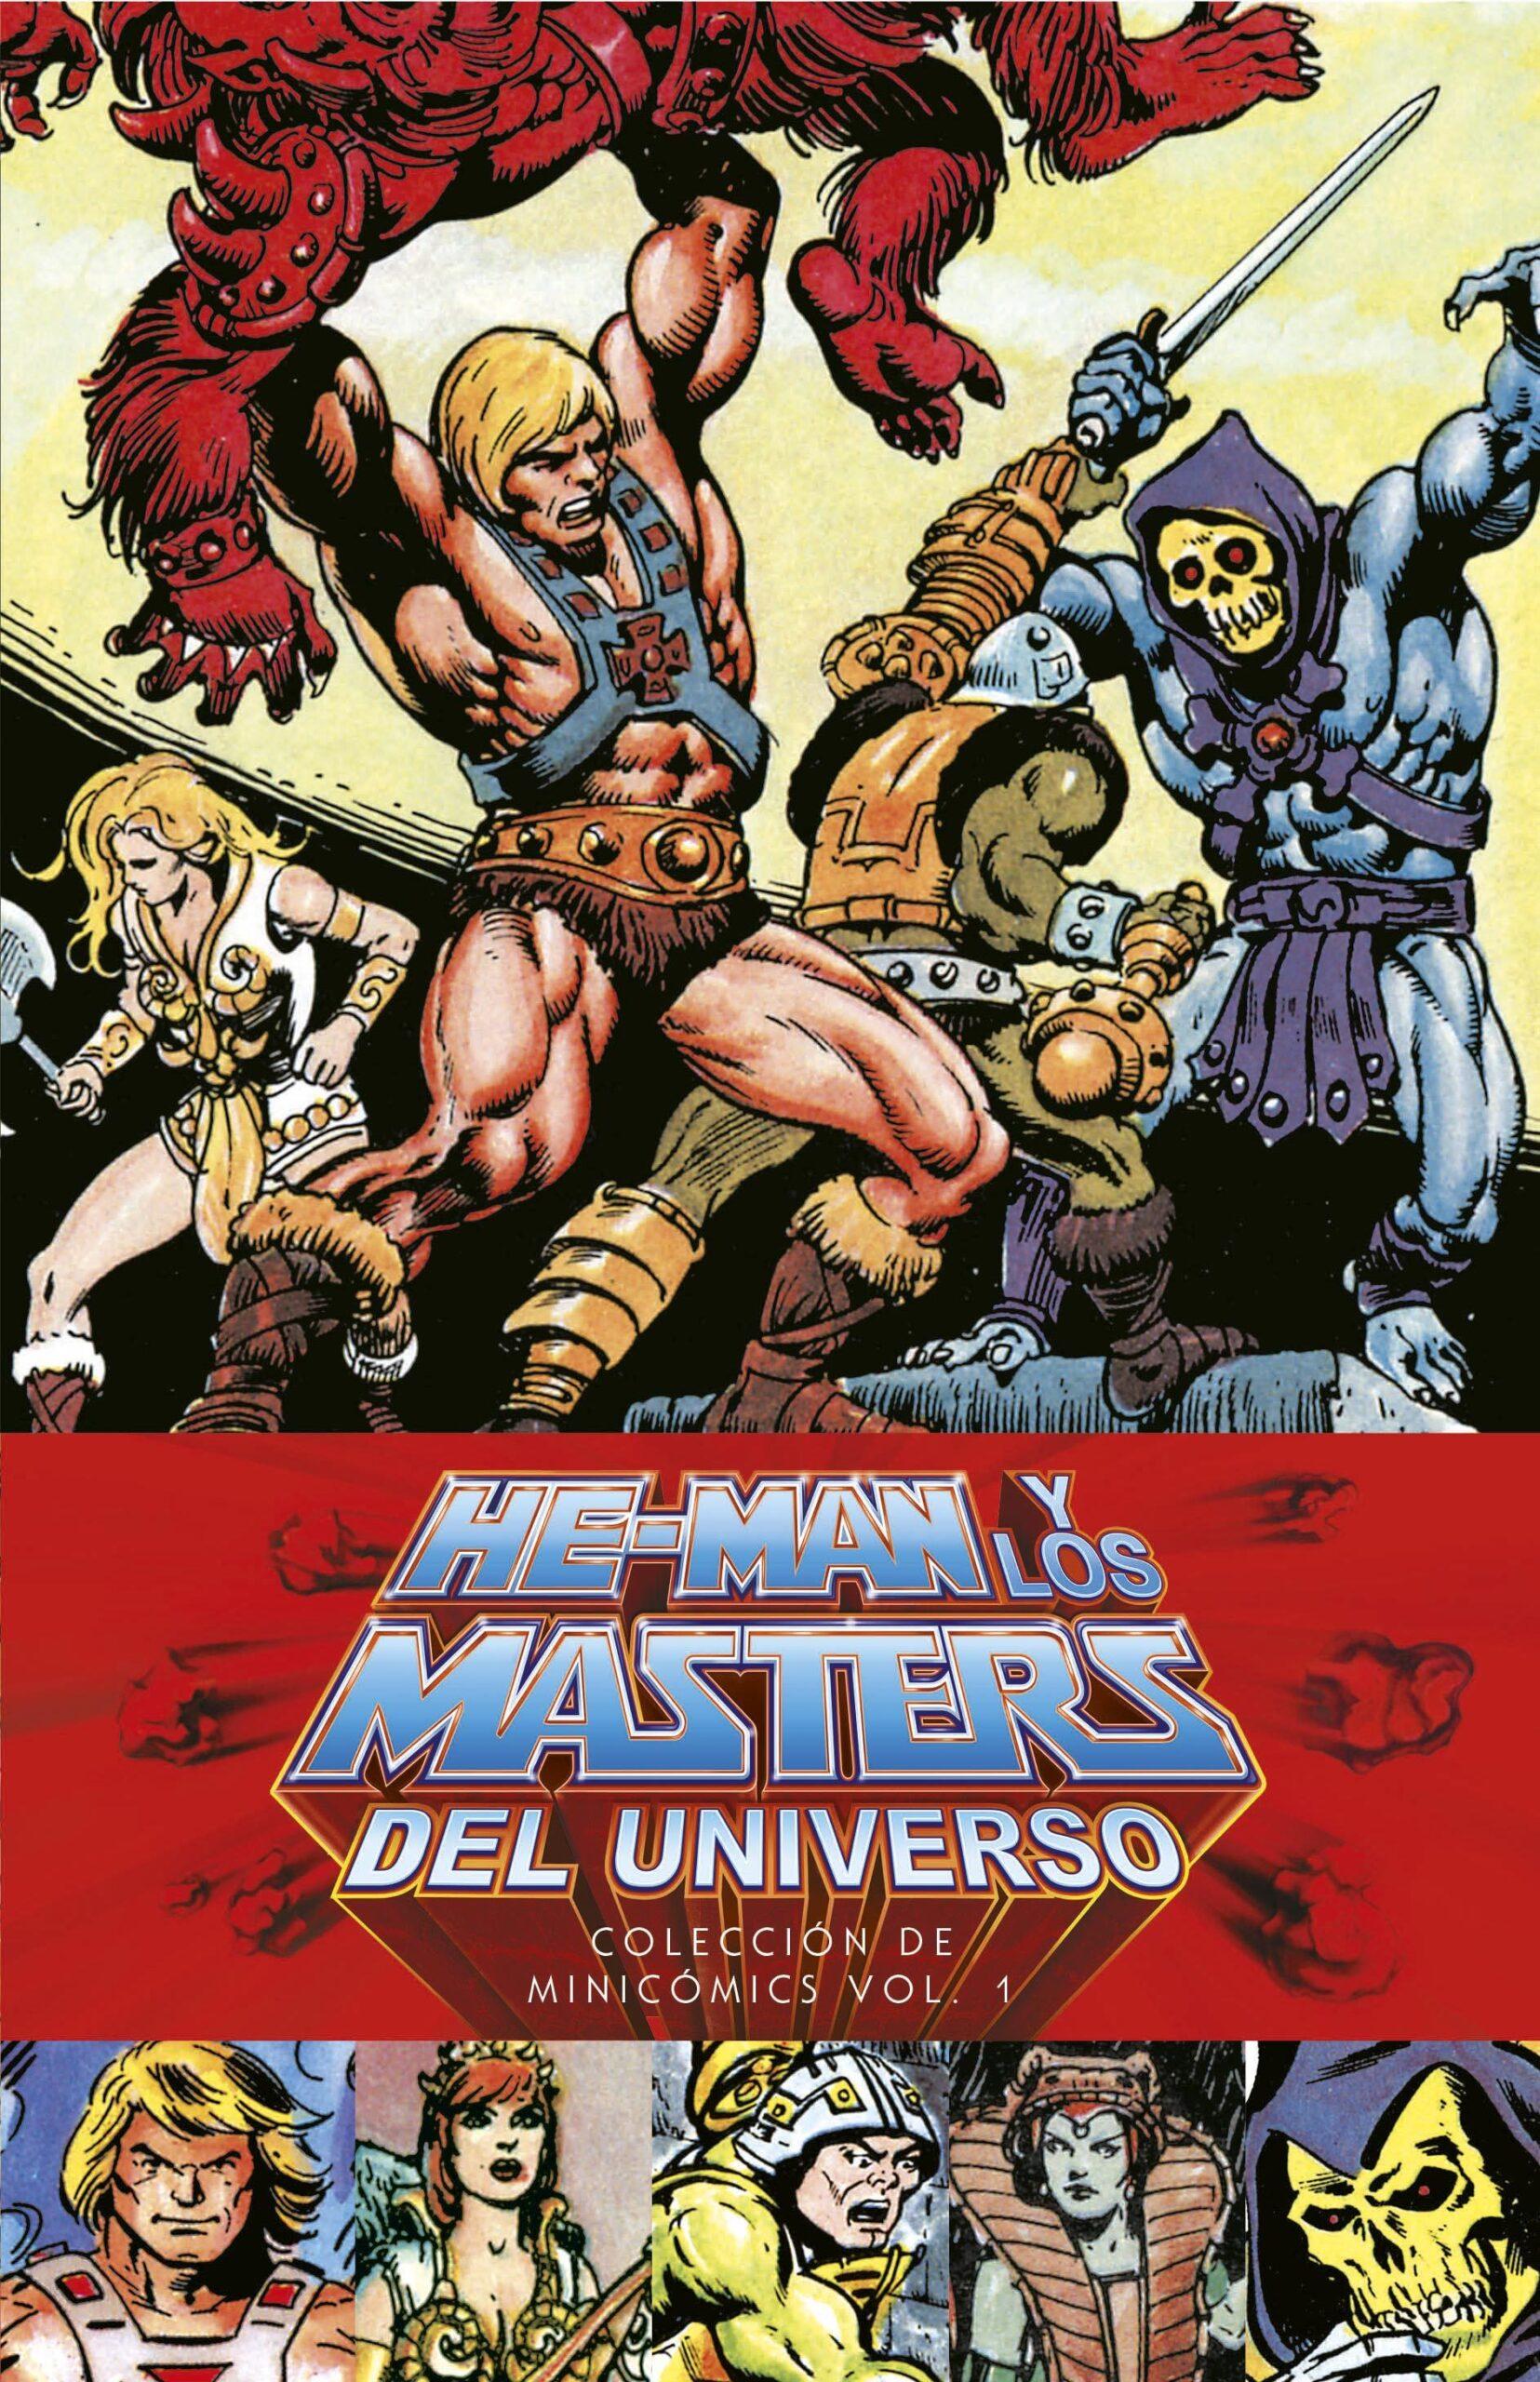 he-man y los masters del universo coleccion de minicomics vol 1